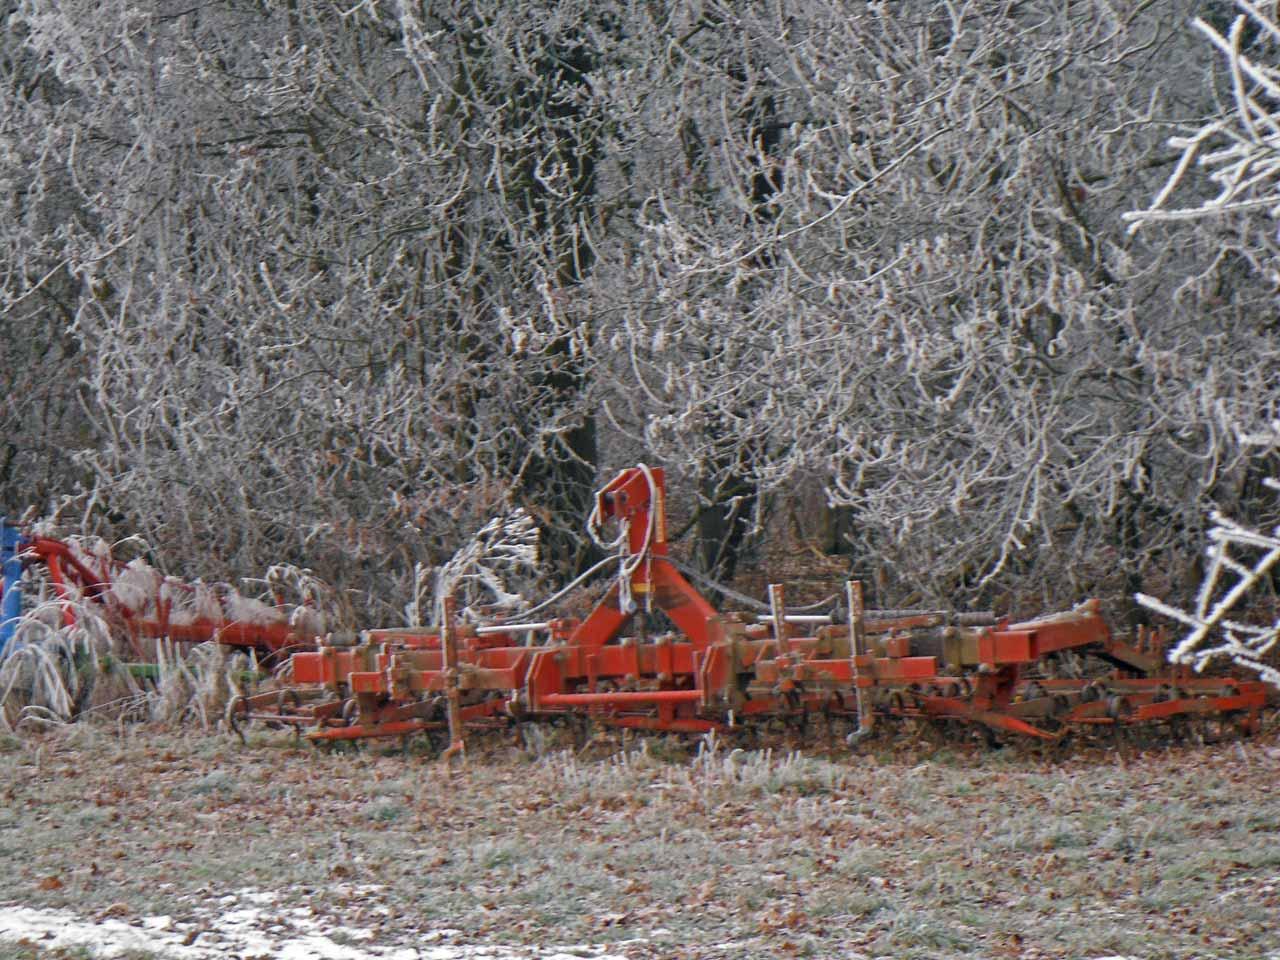 Ackergerät am Waldrand bei Frost